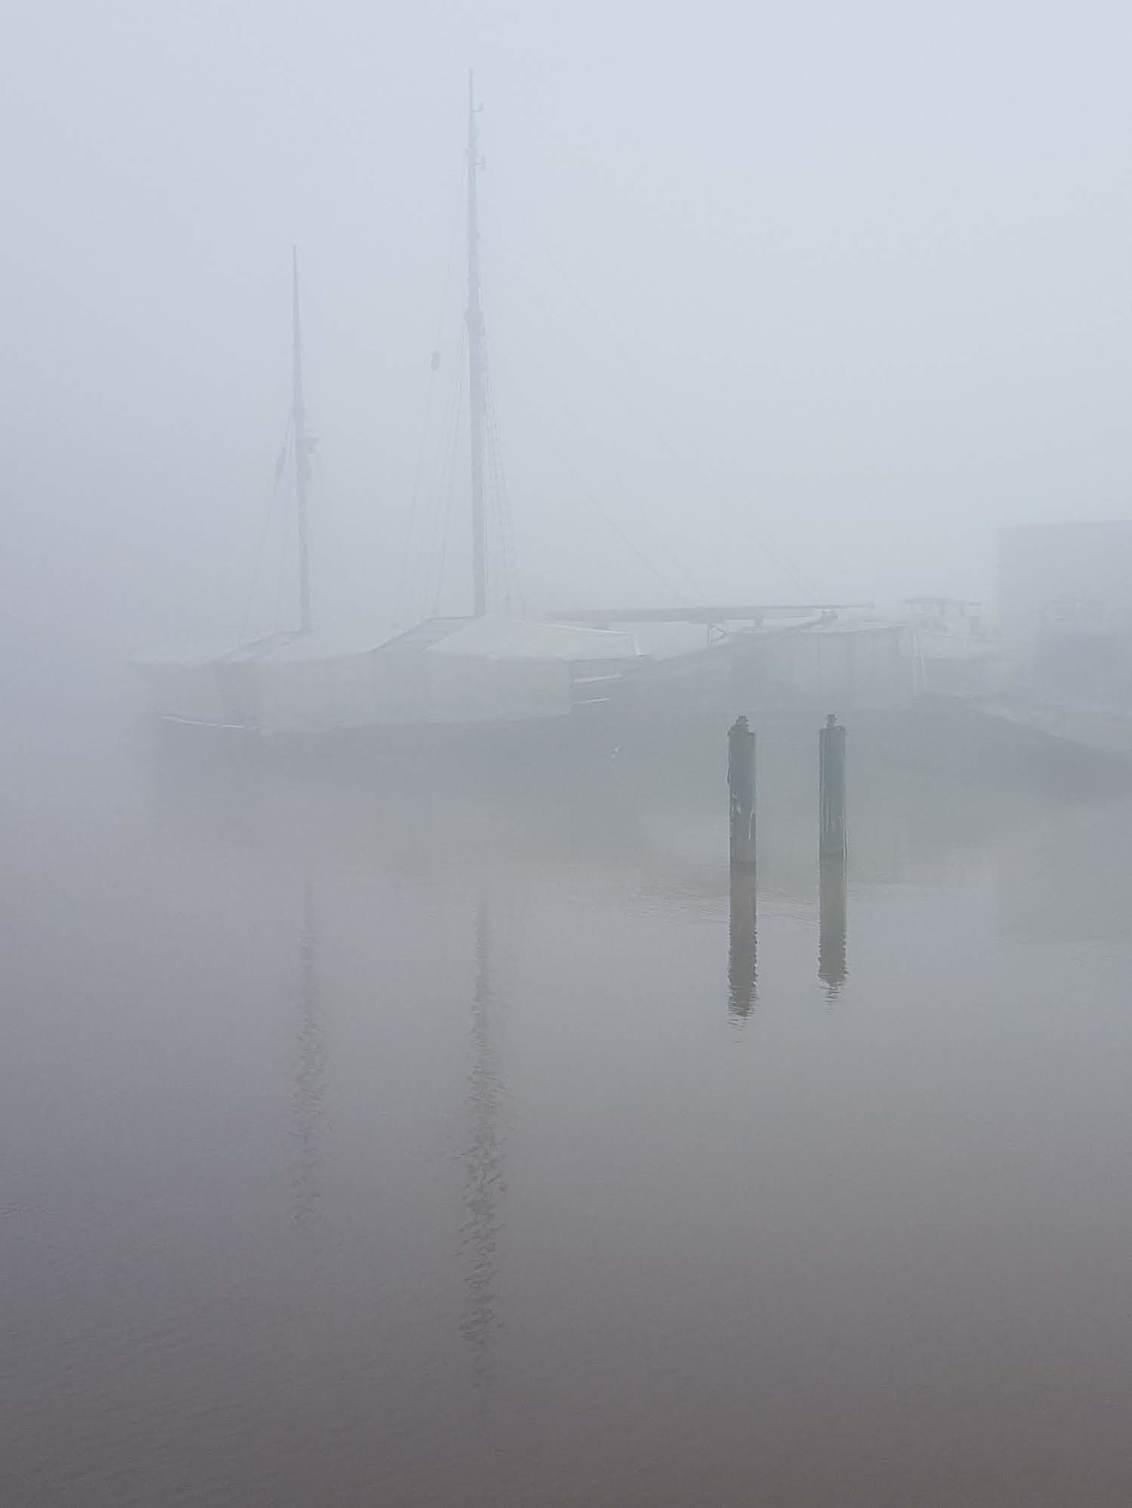 mist - - - foto door olaf-Bruins op 30-11-2019 - deze foto bevat: water, boot, spiegeling, mist, mistig, haven, reflecties